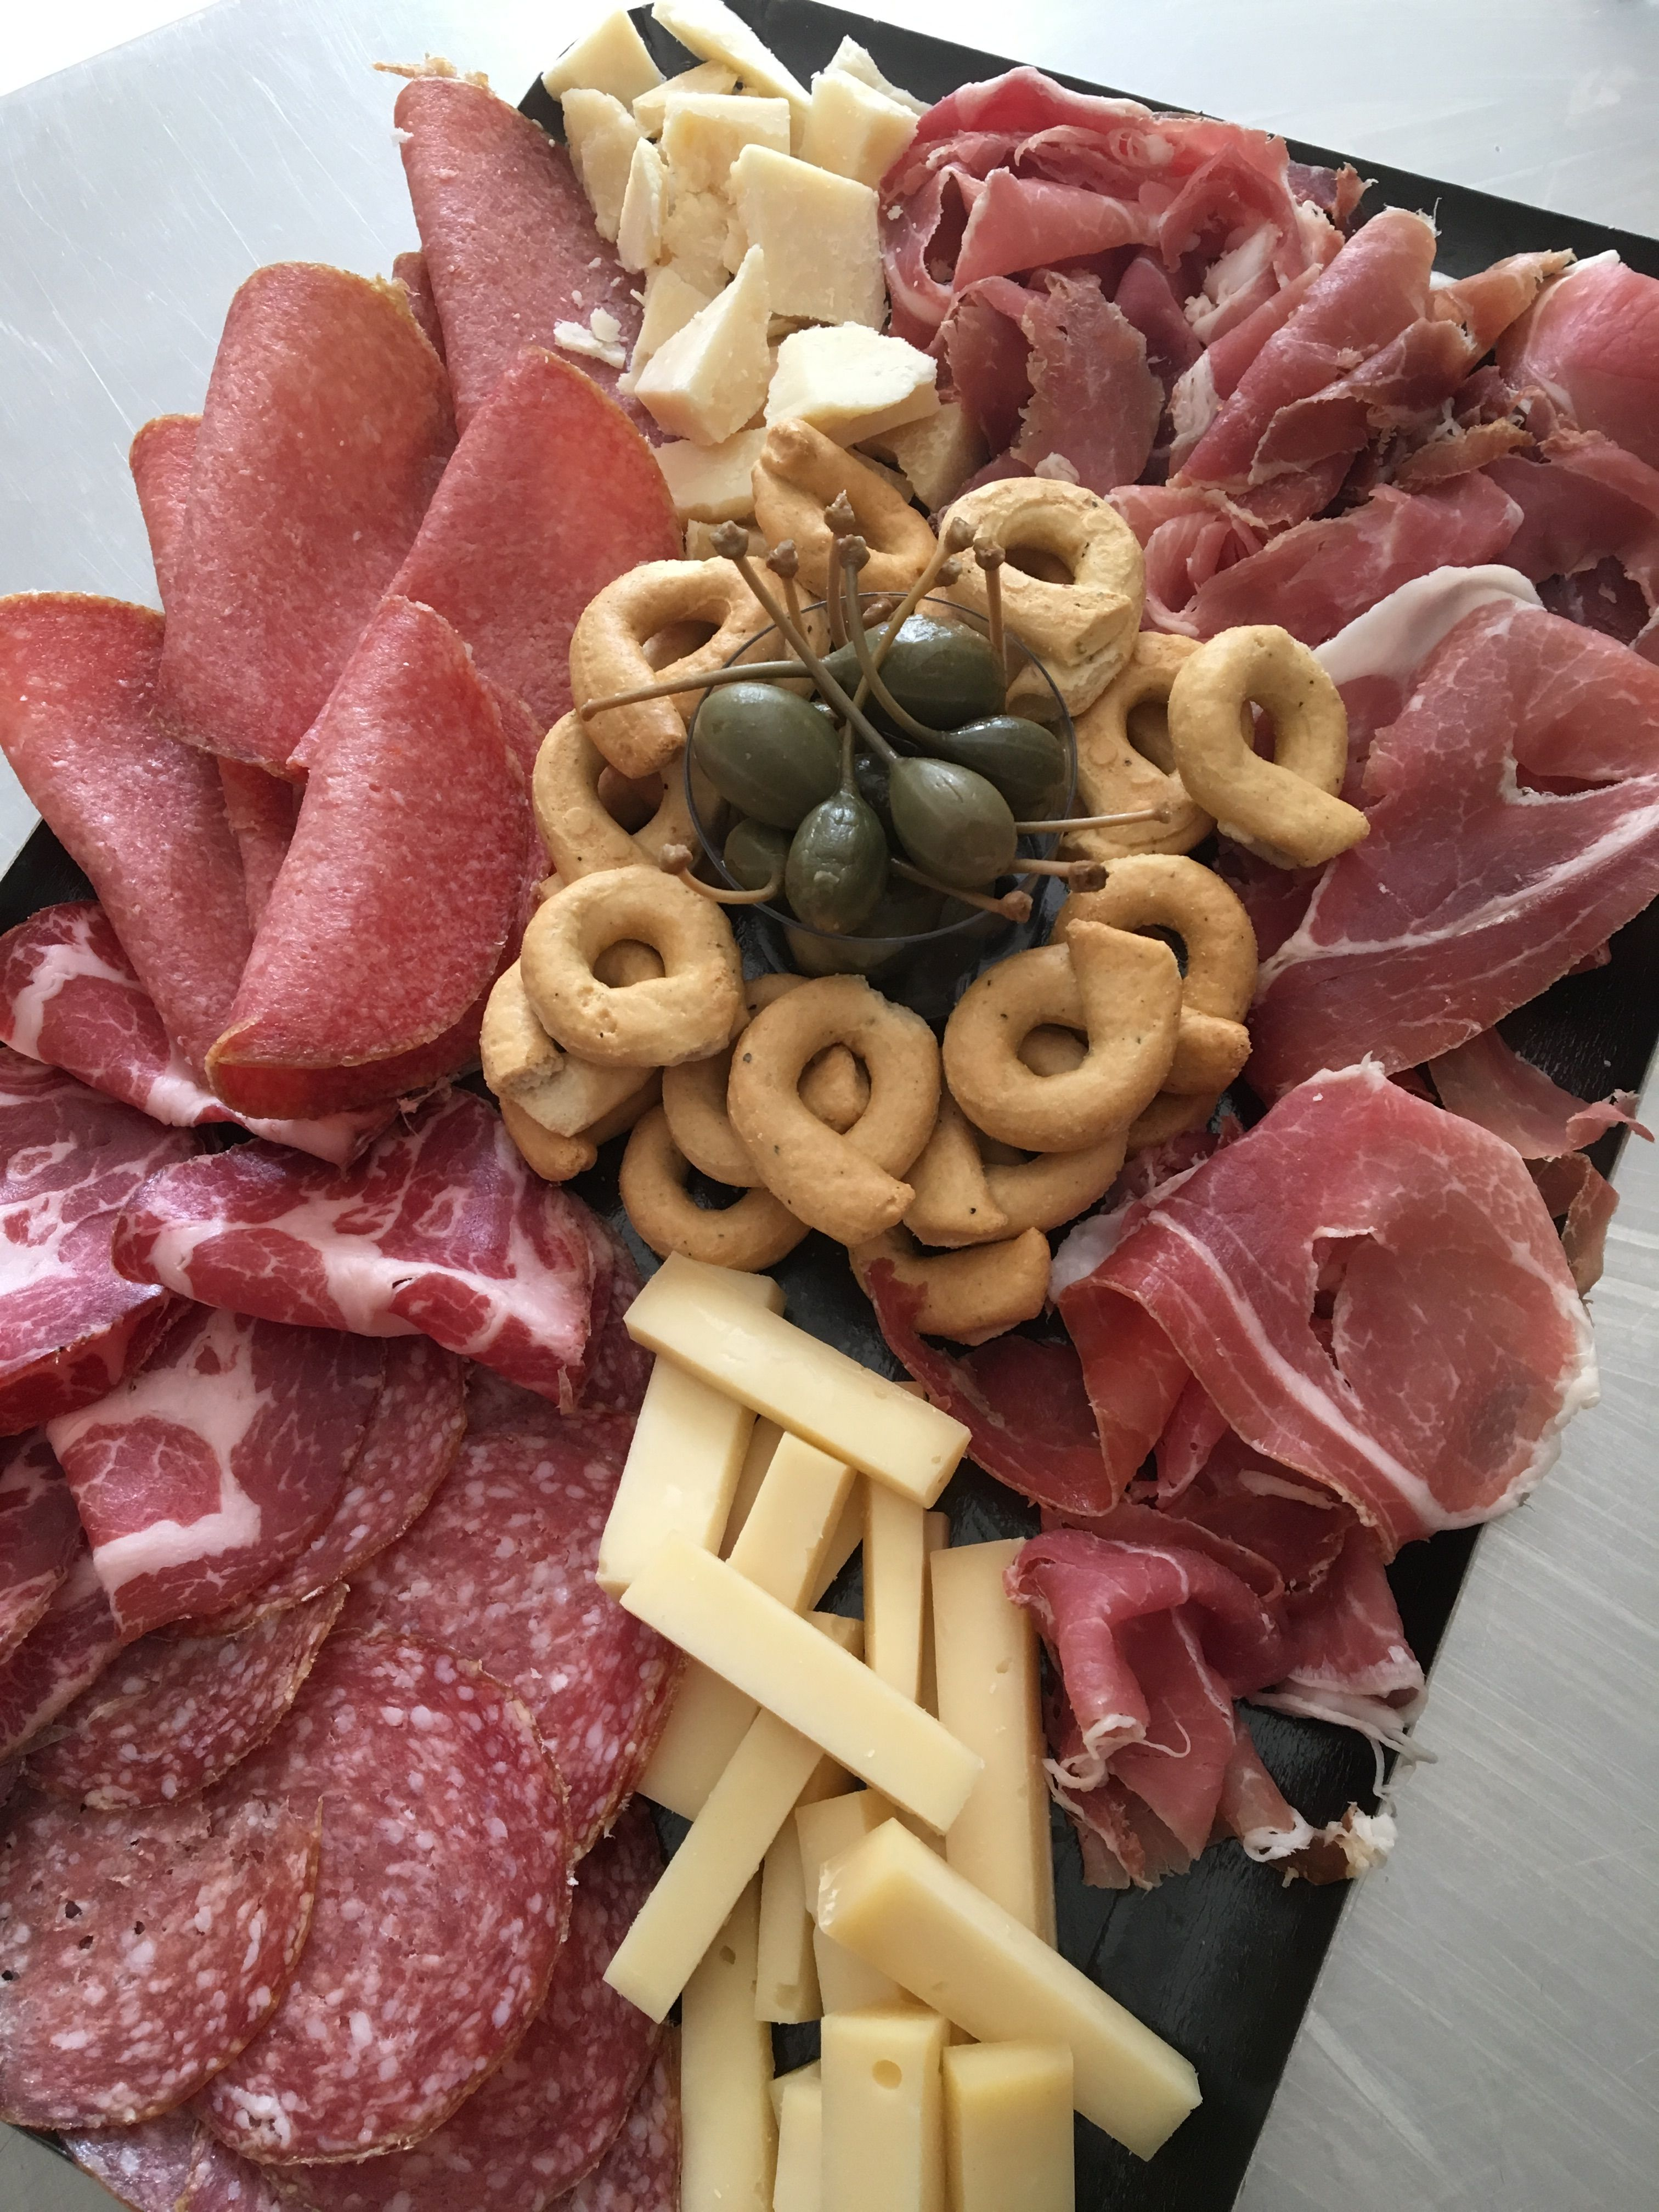 Plateau Apero Fromage Et Charcuterie Fiori Di Pasta Bordeaux Assiette De Charcuterie Charcuterie Italienne Apero Fromage